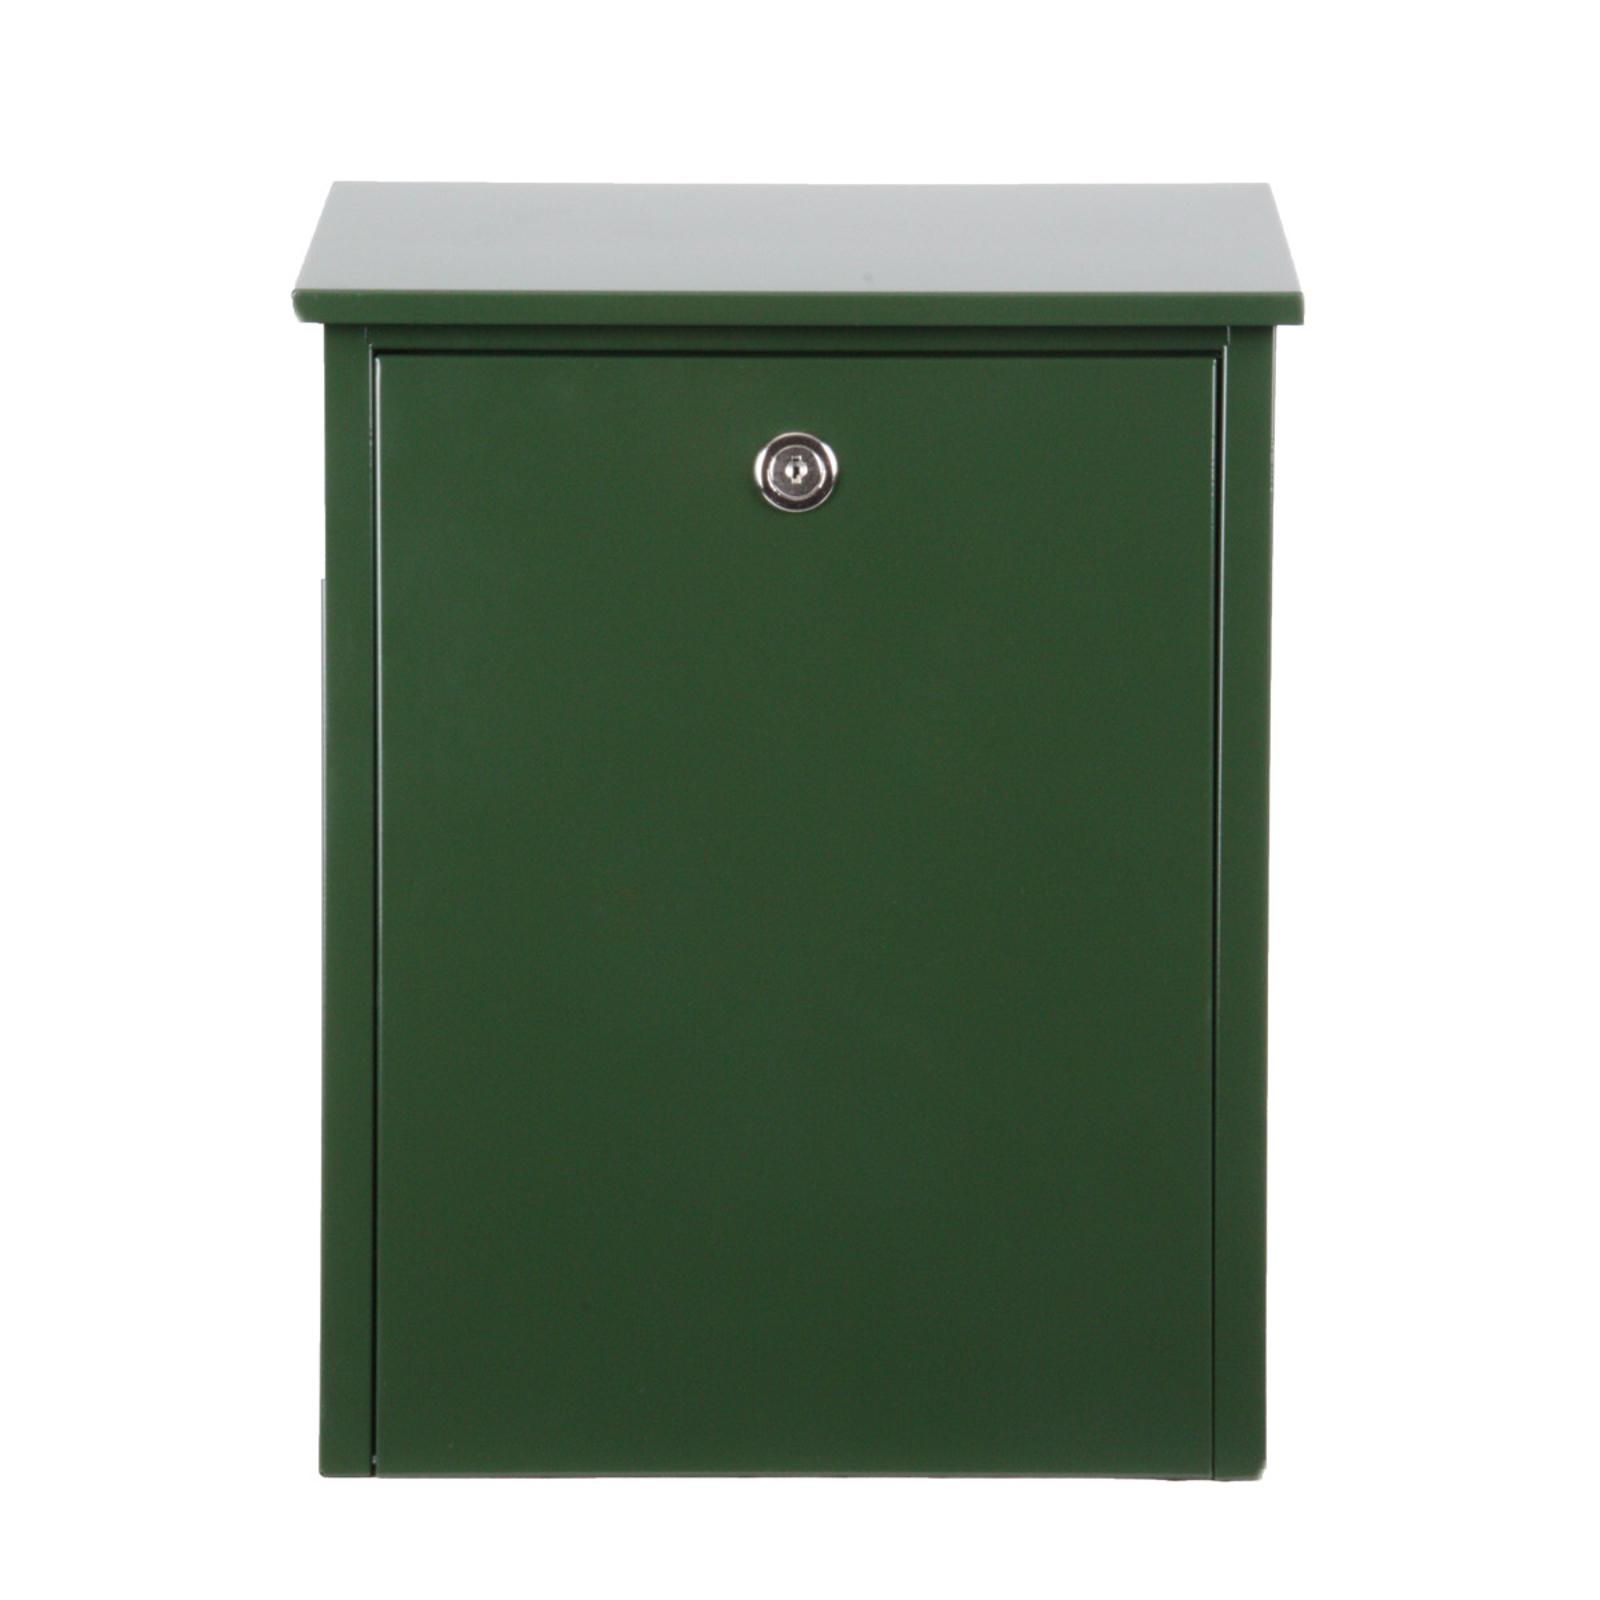 Enkel postkasse av stål, grønn